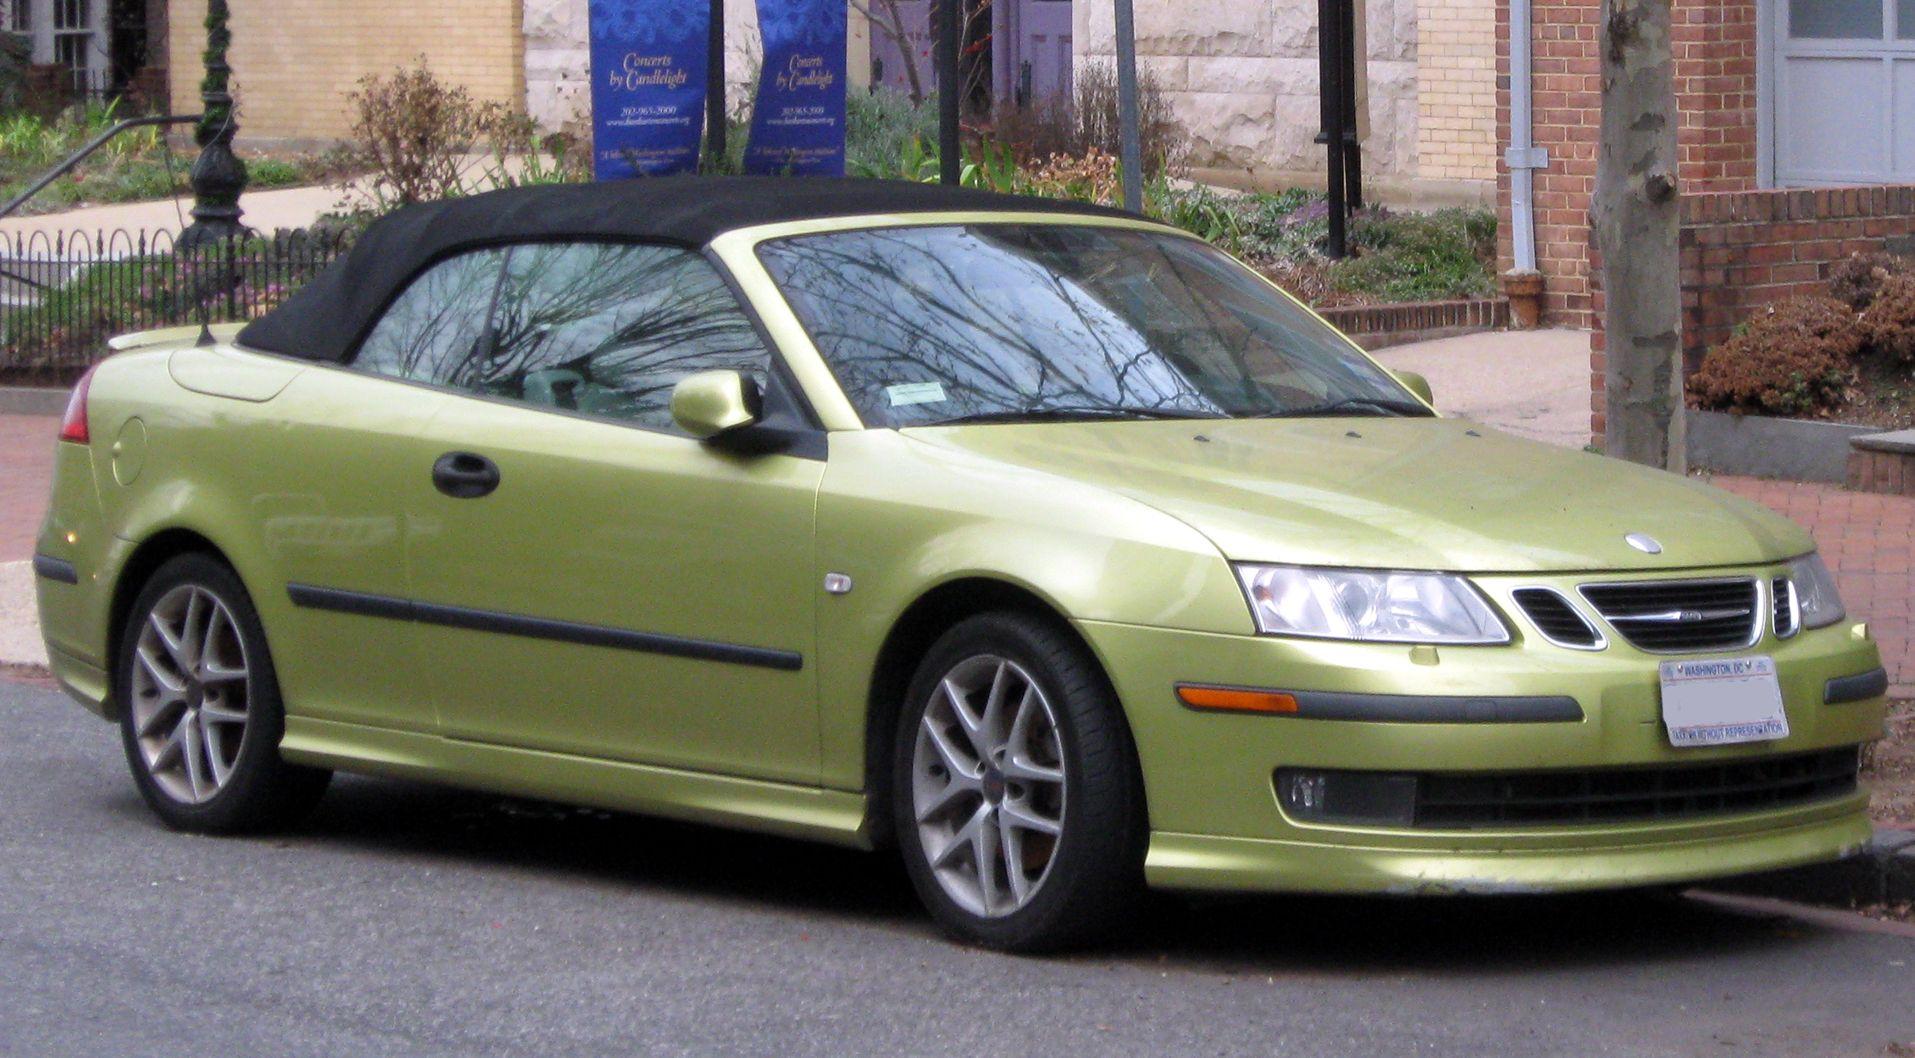 Saab 9 3 Convertible Reviews Saab 9 3 Convertible Car Reviews In 2020 Saab 9 3 Convertible Saab Convertible Saab 9 3